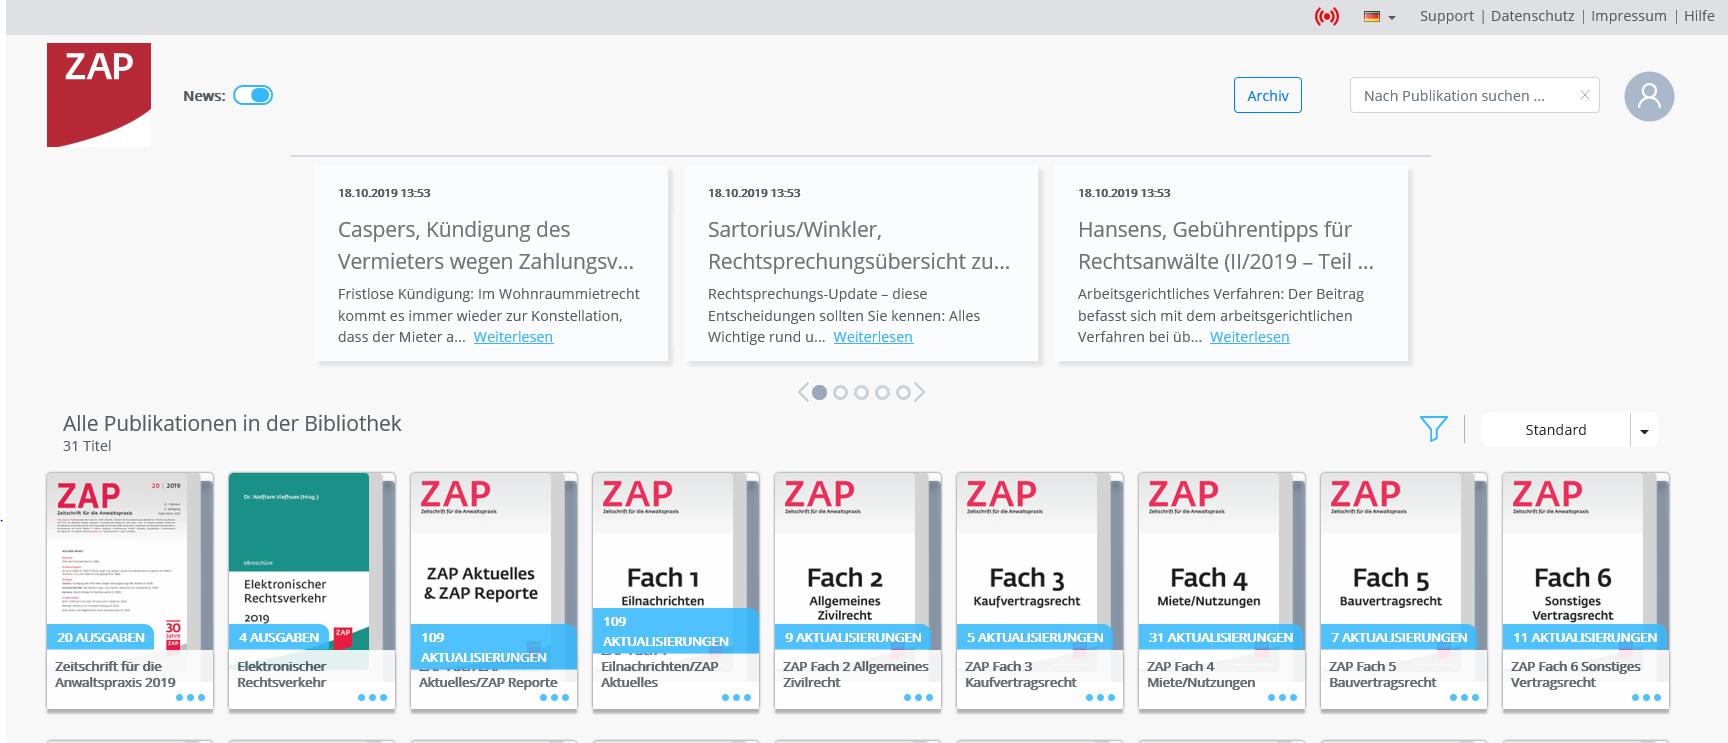 Häufige Fragen zur ZAP App - ZAP: juristische News